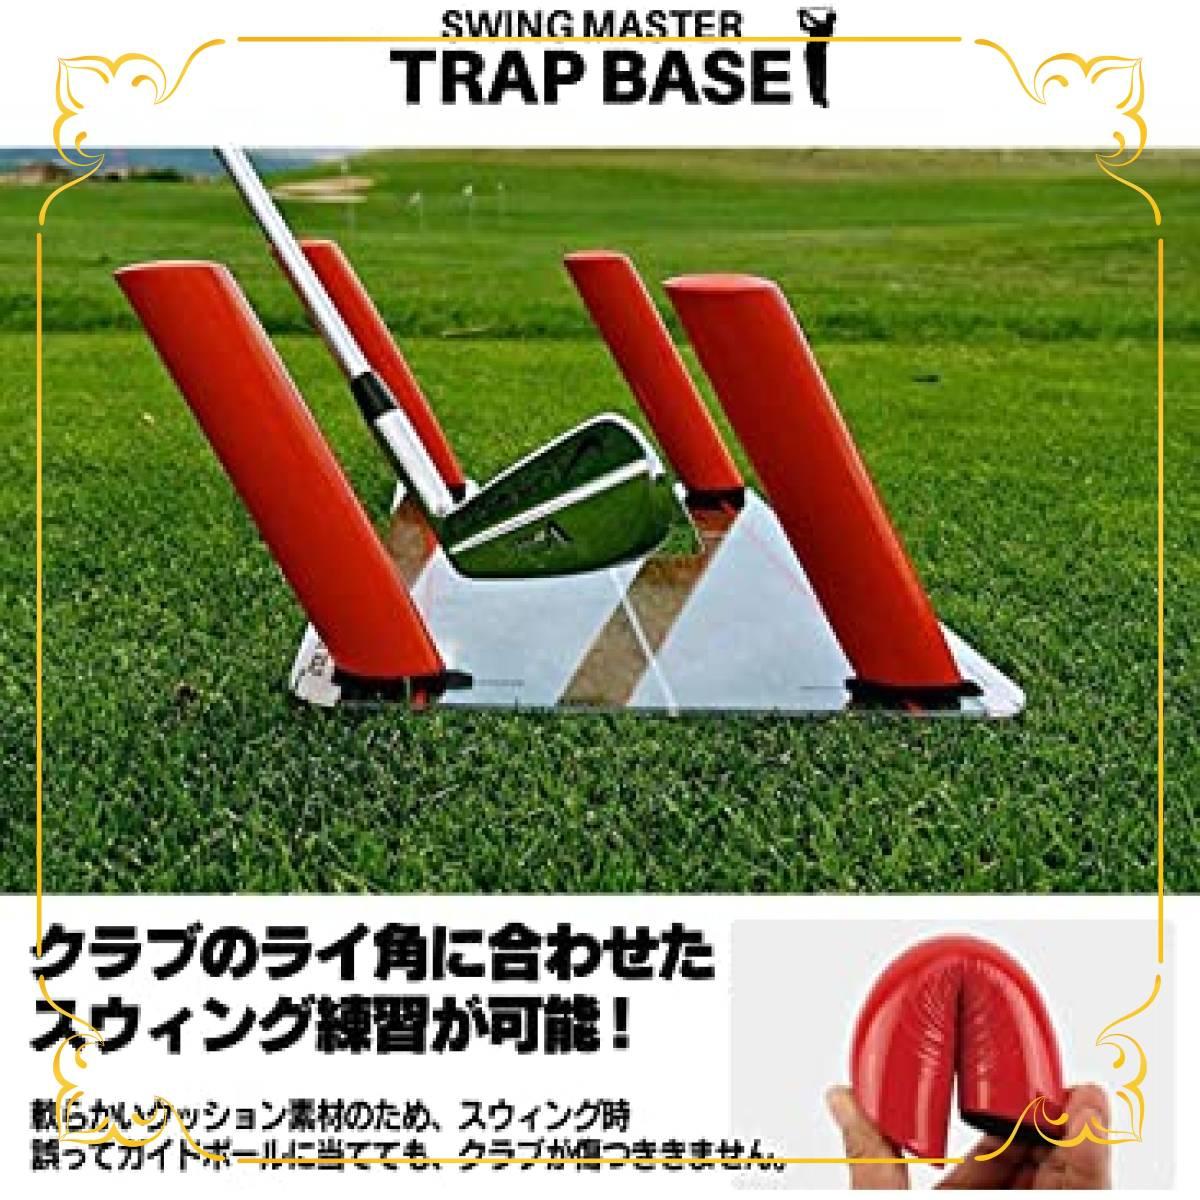 ゴルフ スイング練習機 スイング練習器具 スピードトラップベース パッティング 矯正_画像5